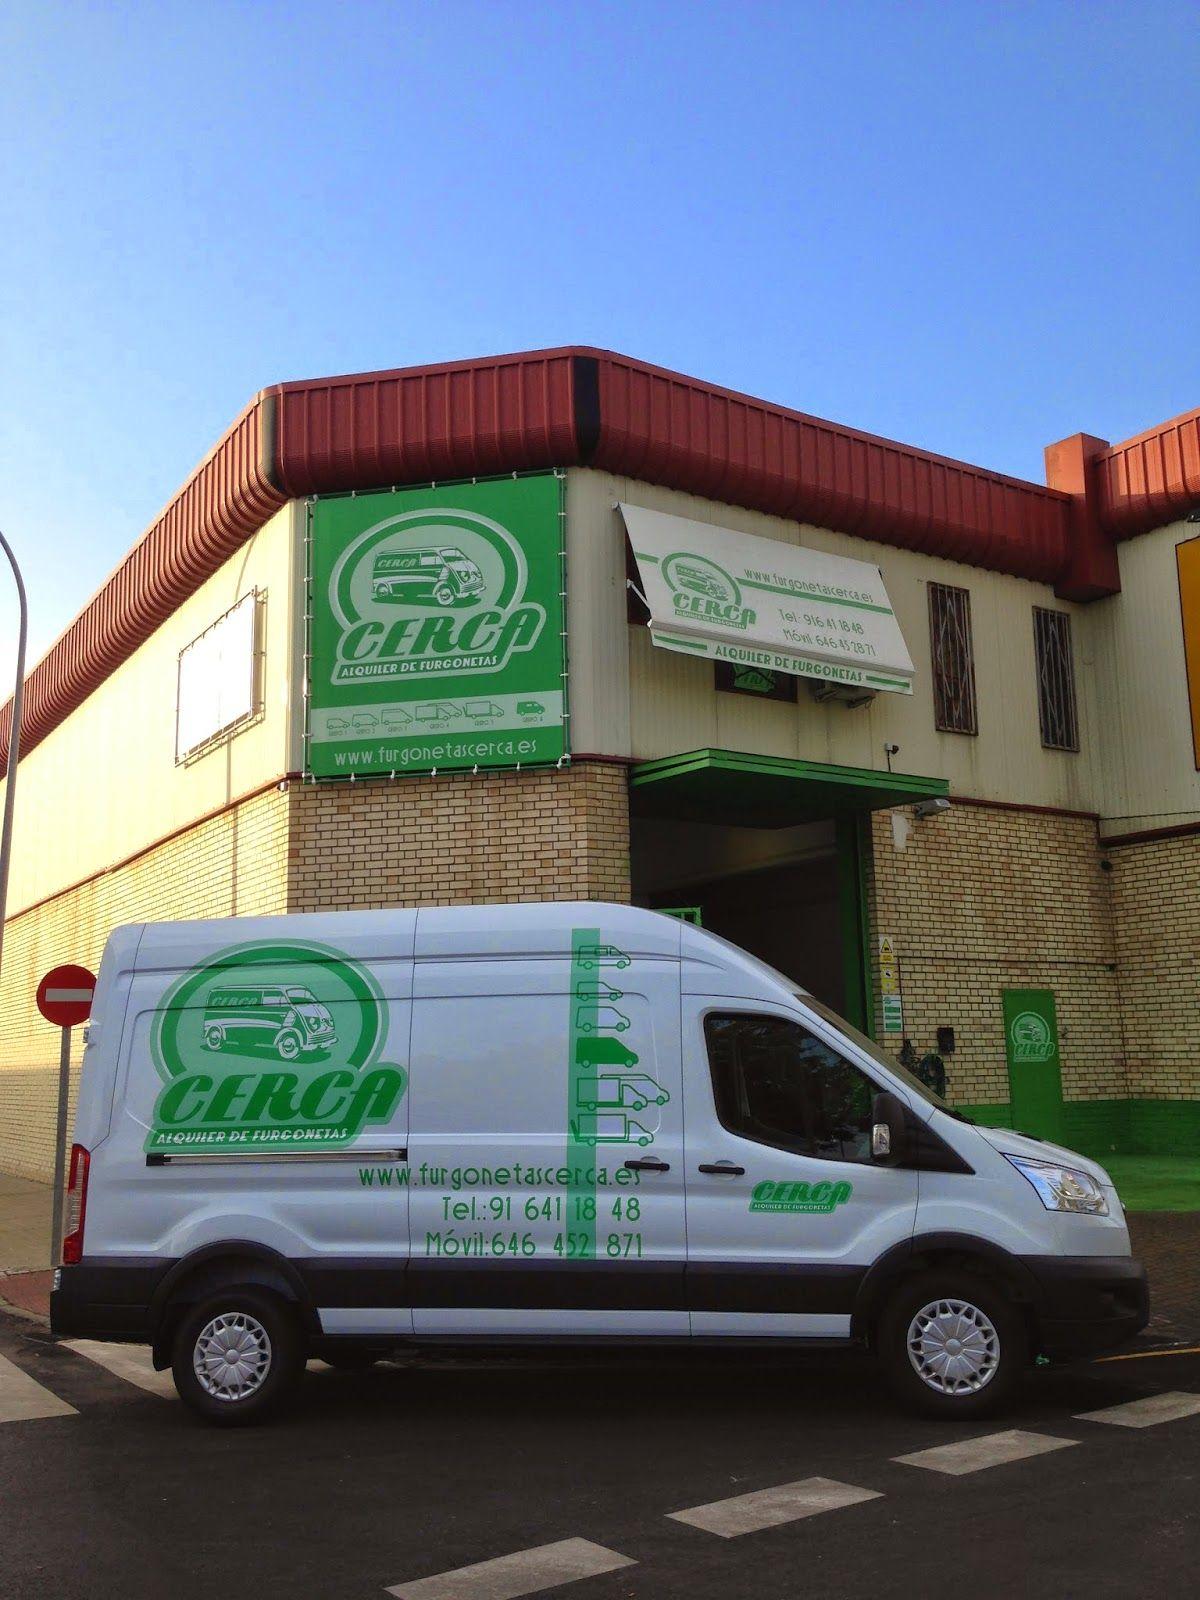 El Blog del alquiler de furgonetas, Cerca Alquiler de Furgonetas: NUEVO HORARIO ININTERRUMPIDO DE LUNES A VIERNES, C...